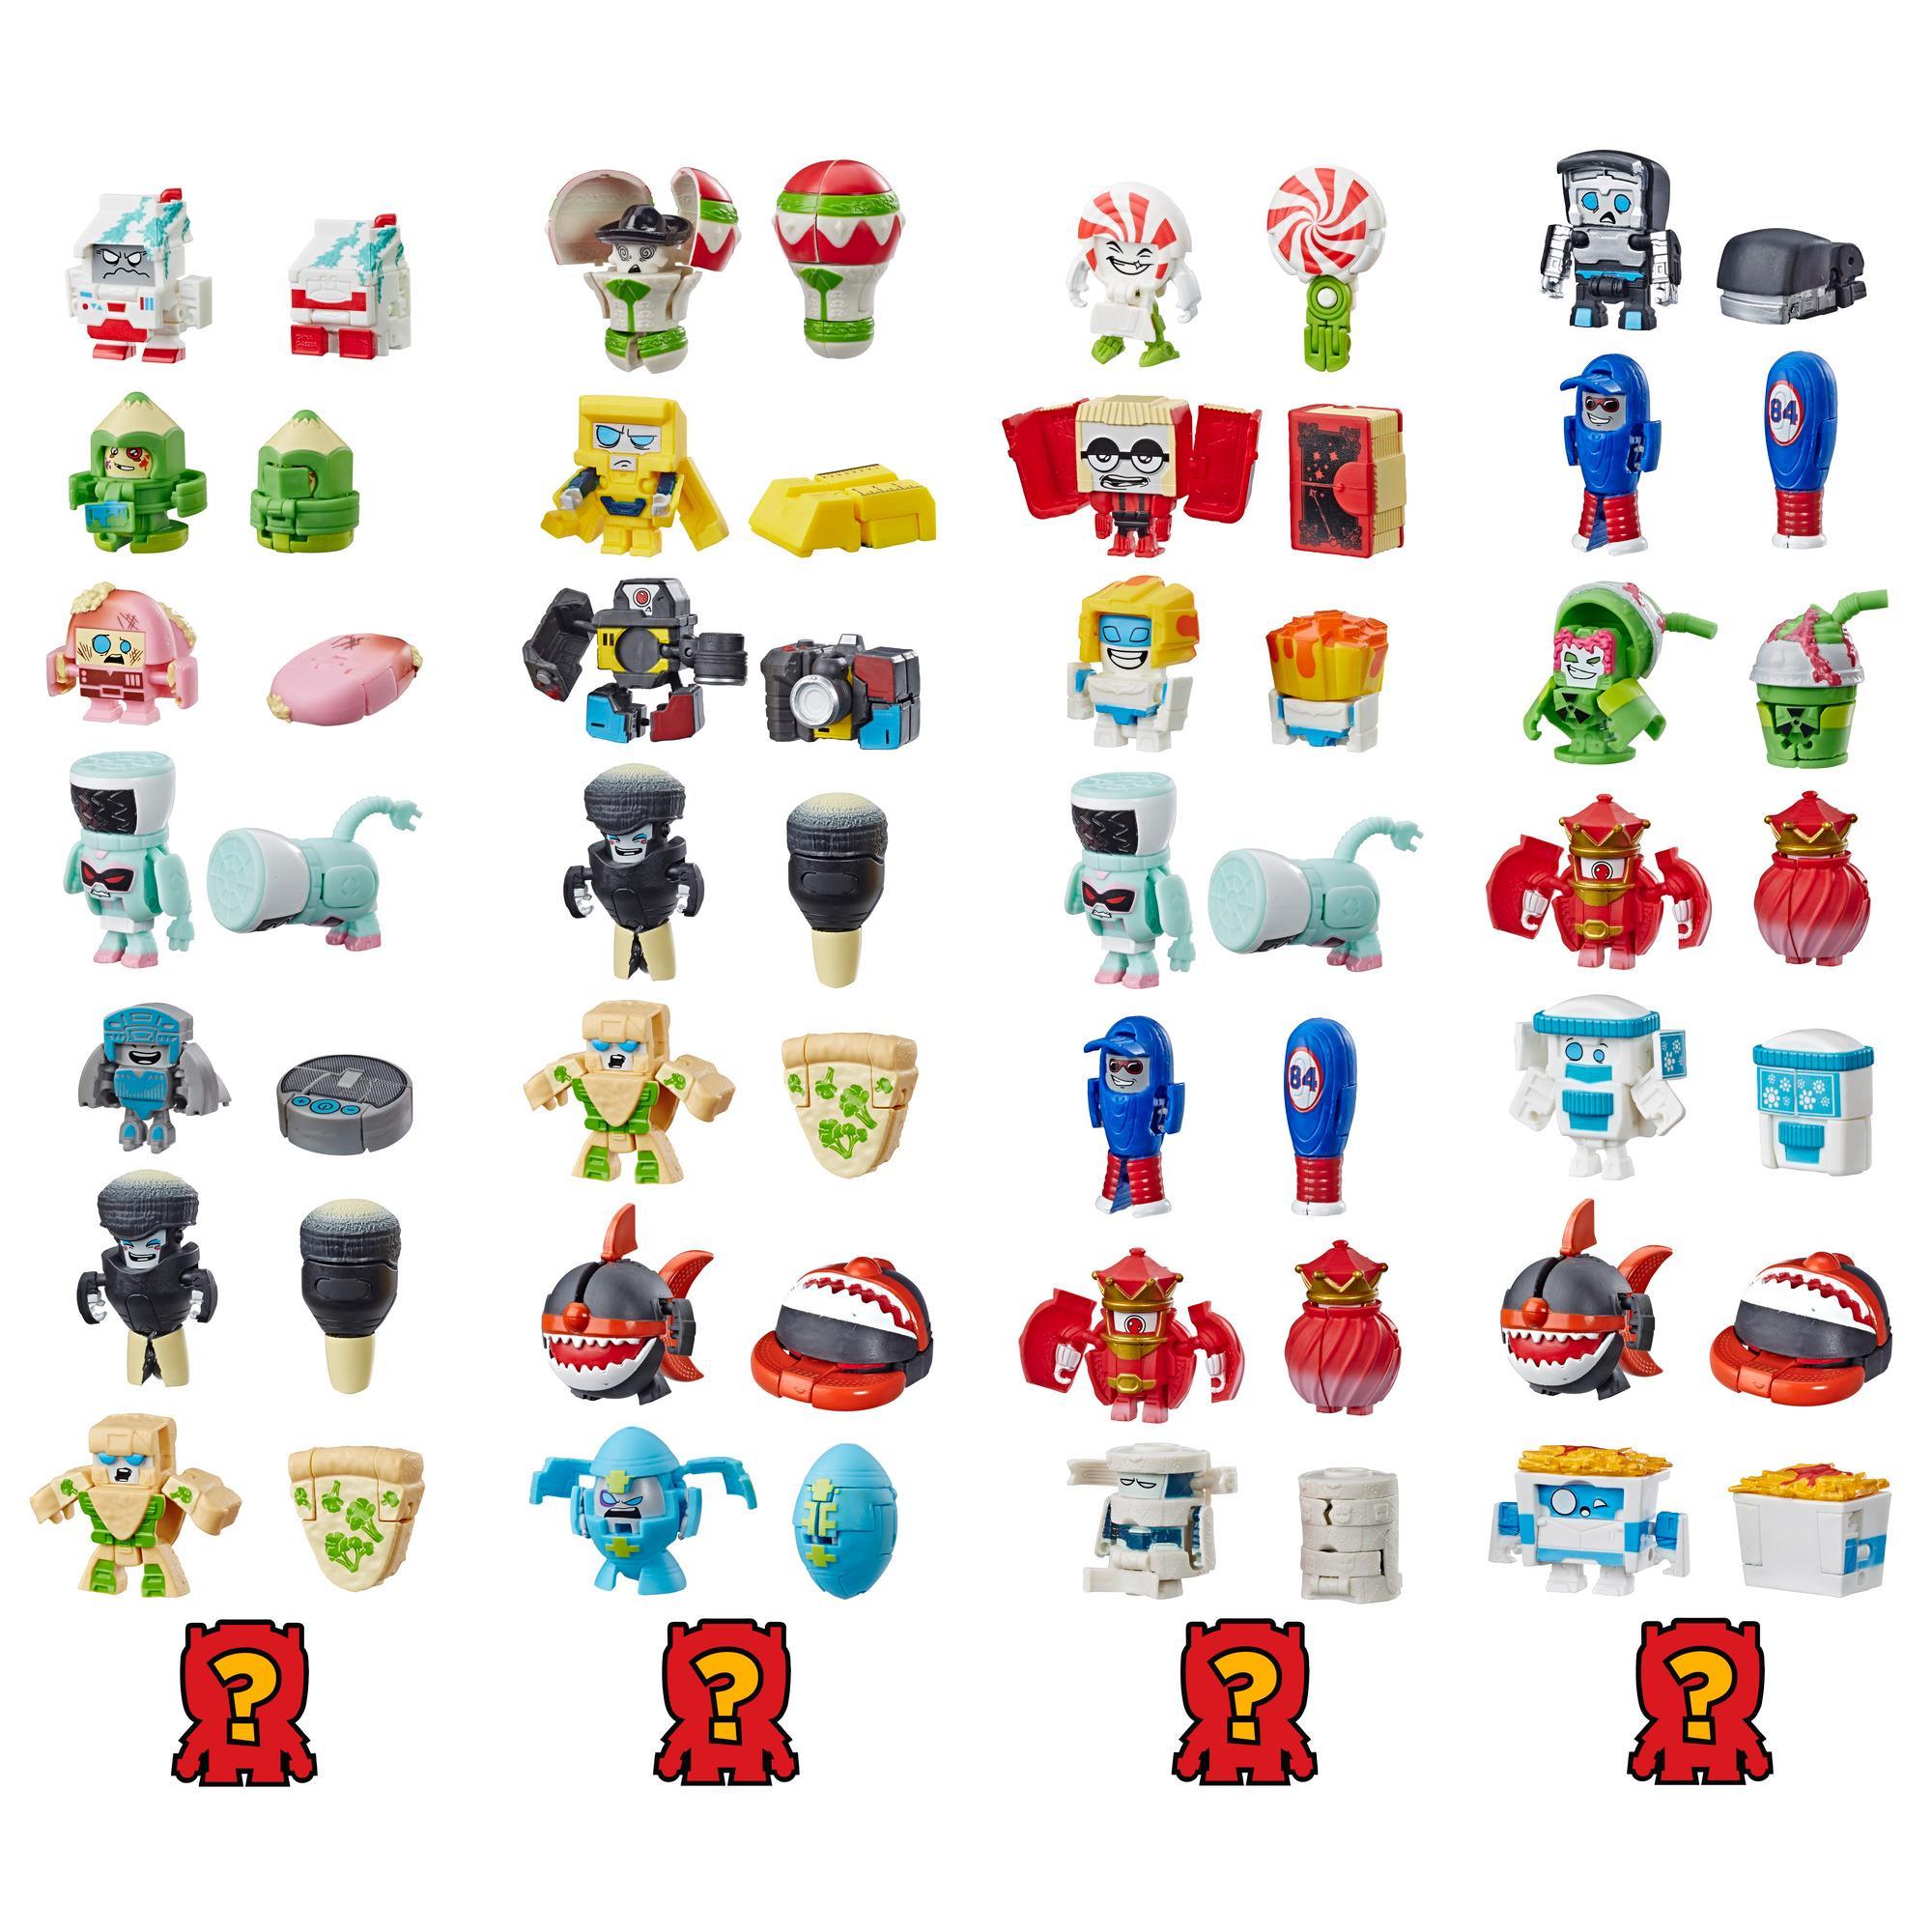 Transformers Toys BotBots Serie 2 - Empaque de 8 figuras Swag Stylers - ¡Figuras coleccionables! Para niños de 5 años en adelante (los estilos y colores pueden variar) de Hasbro.